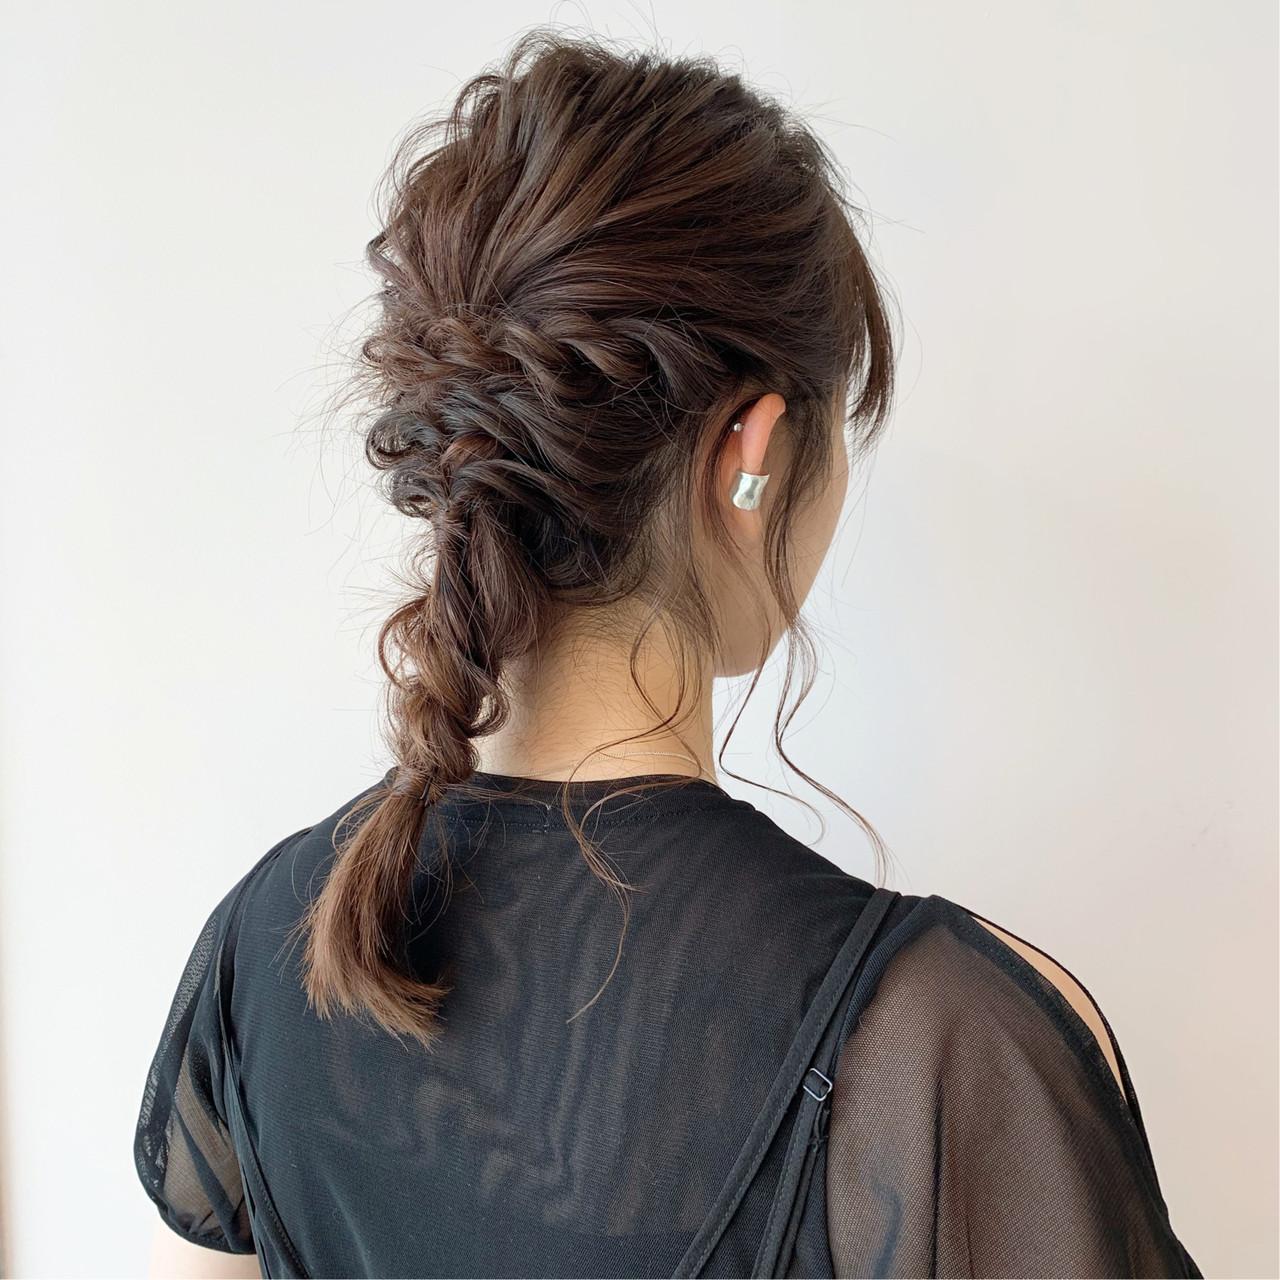 デート 編み込み セミロング 大人女子ヘアスタイルや髪型の写真・画像